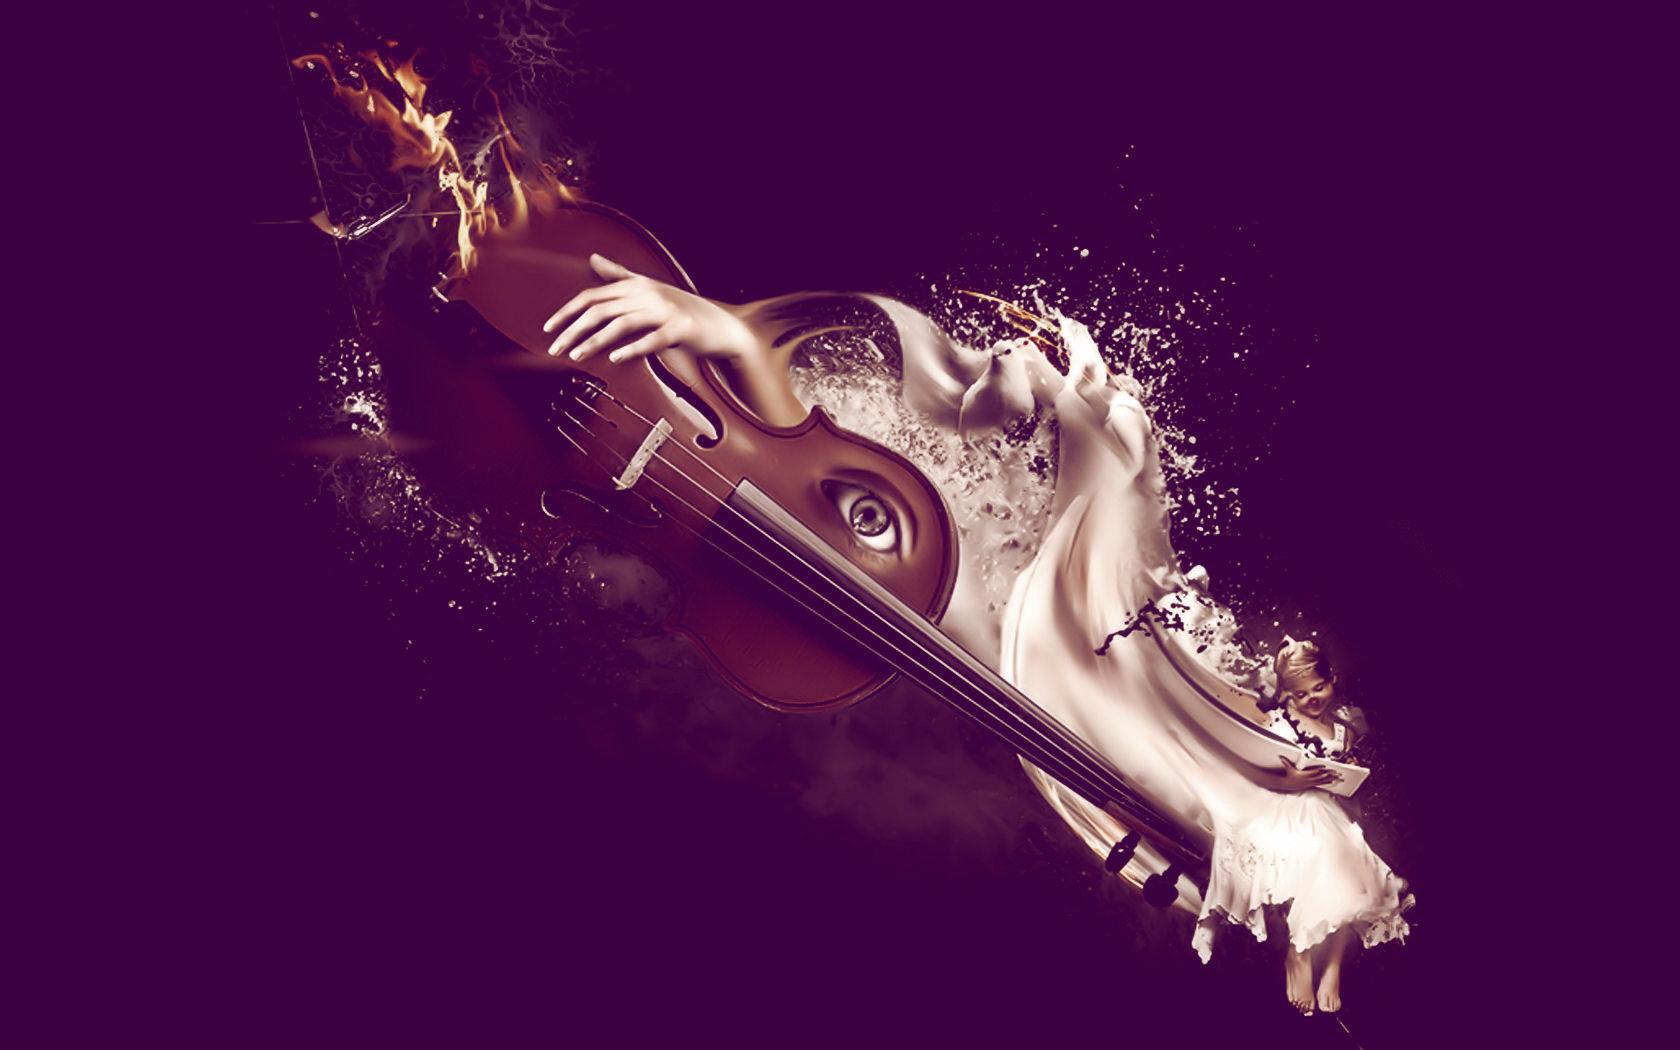 Девушка со скрипкой абстракция  № 2052276 загрузить